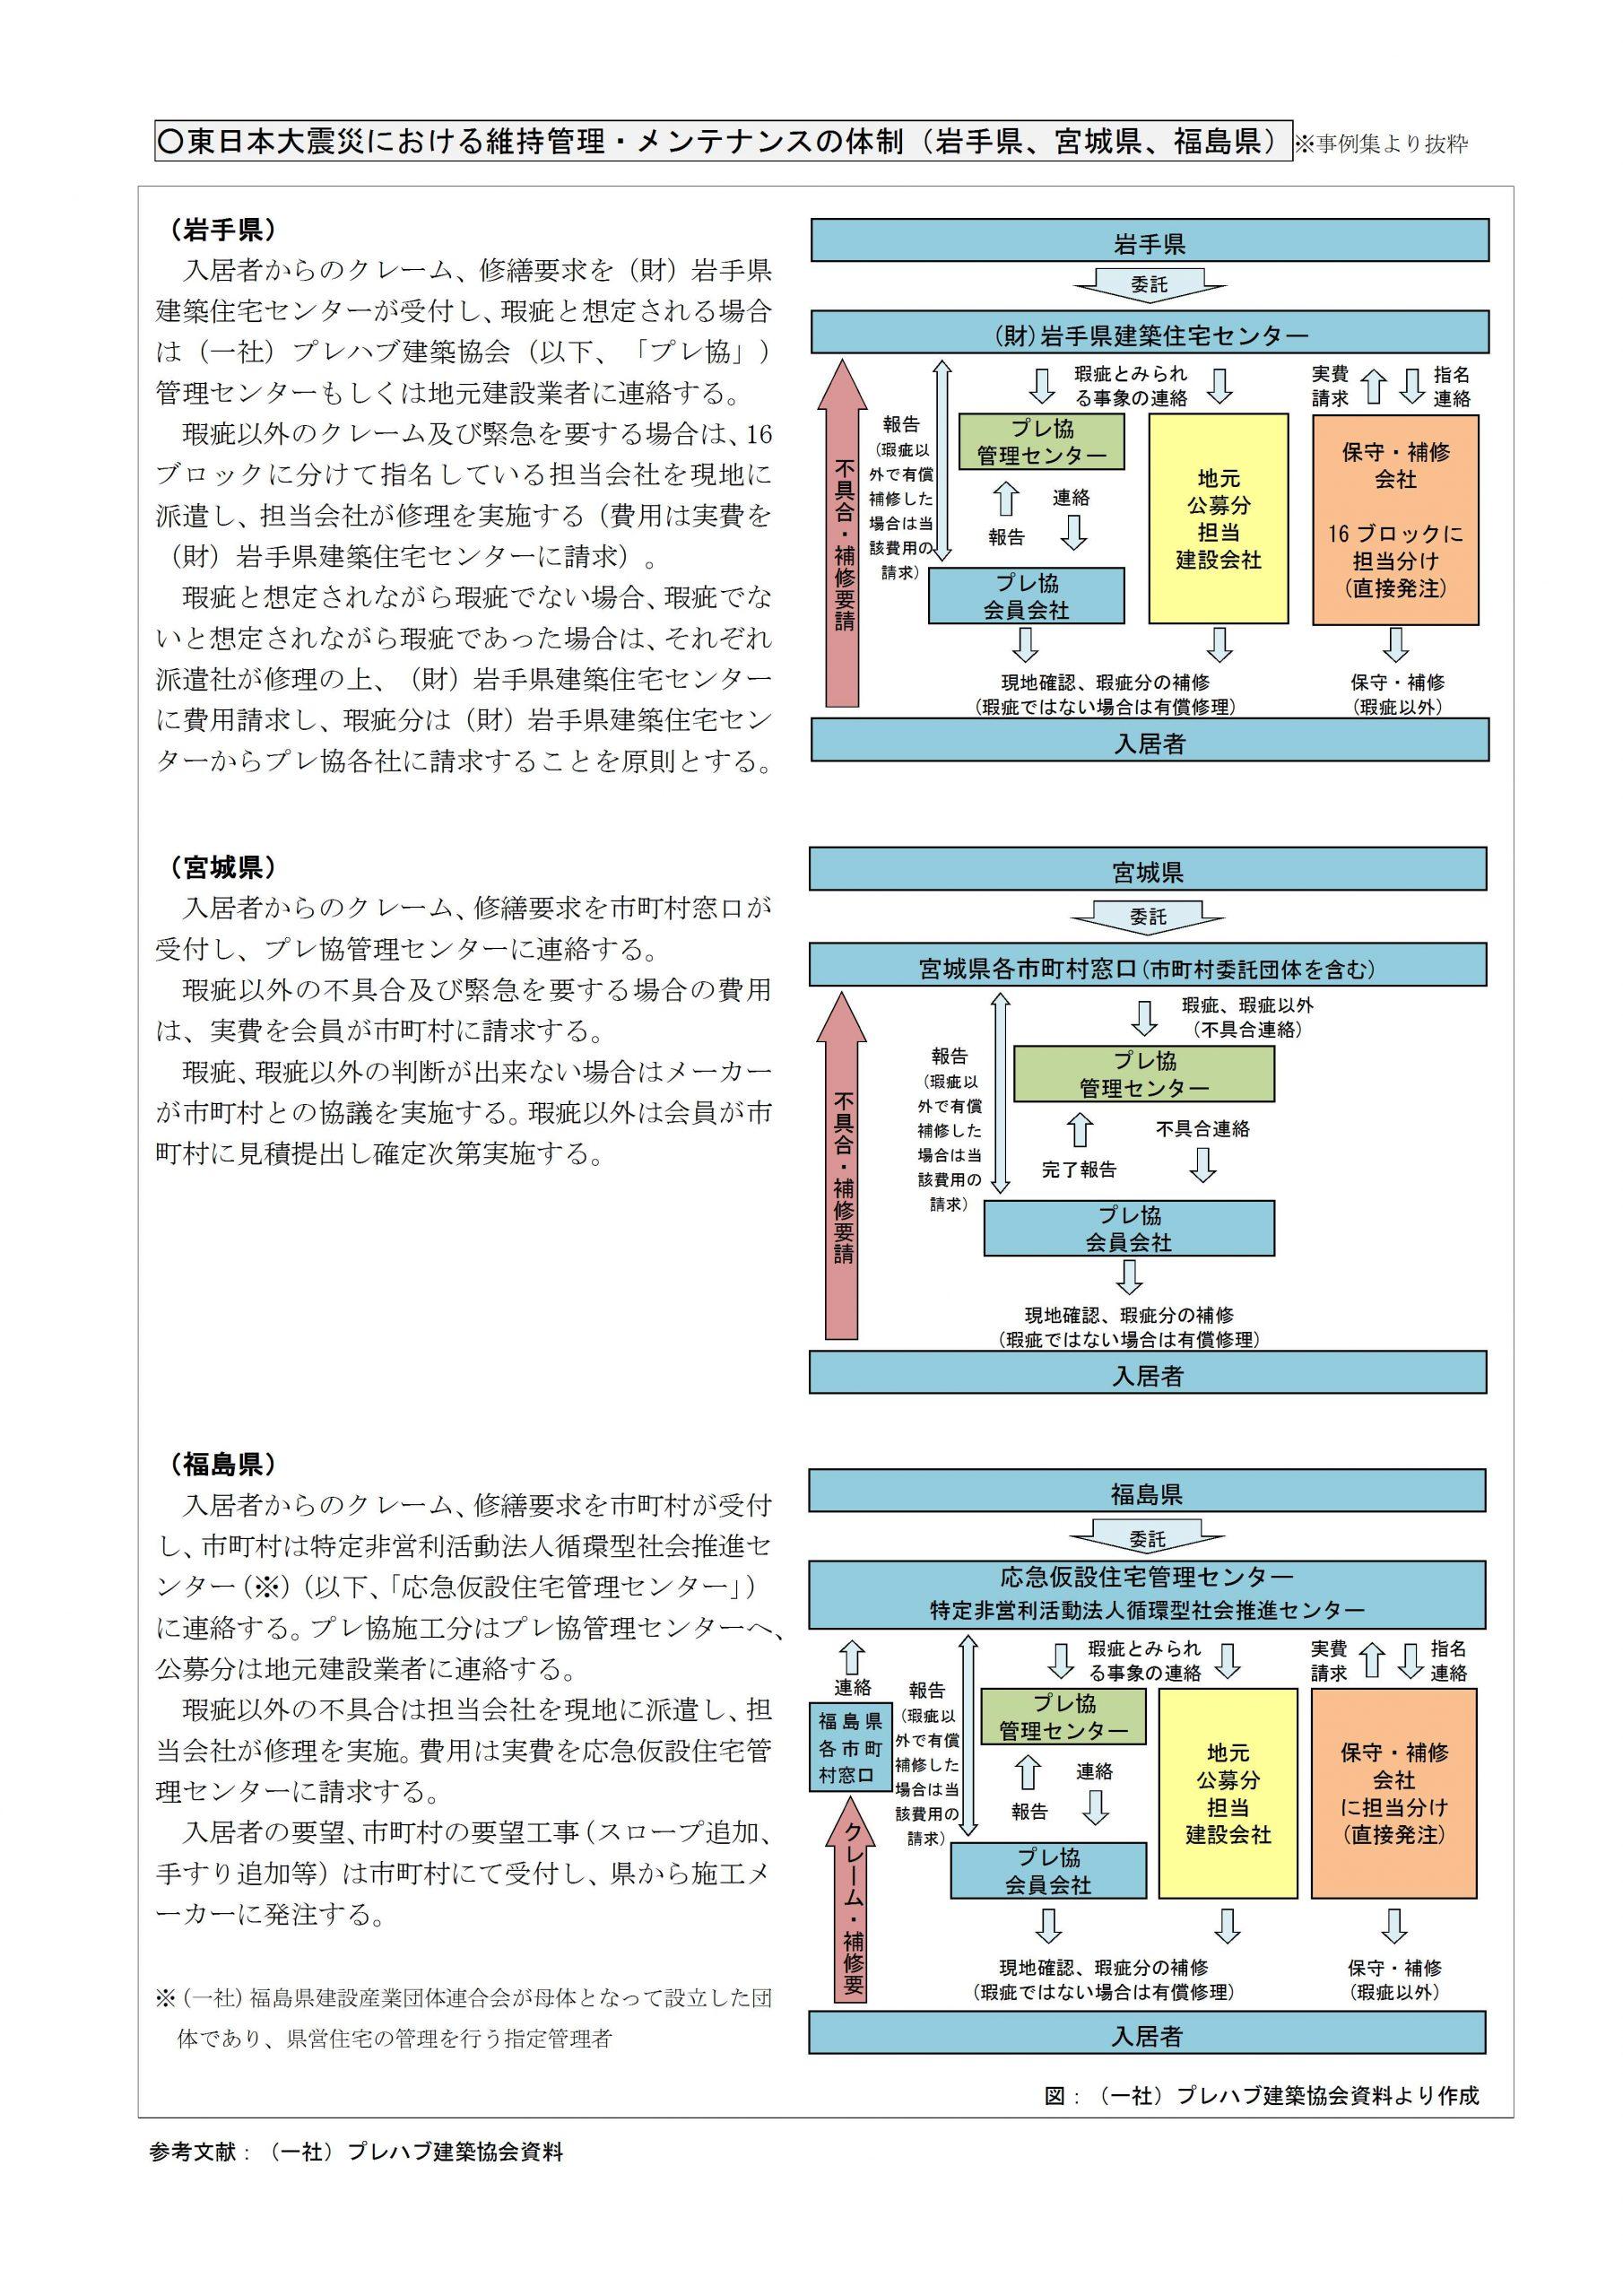 「被災者の住まいの確保に関する取組事例集」の作成